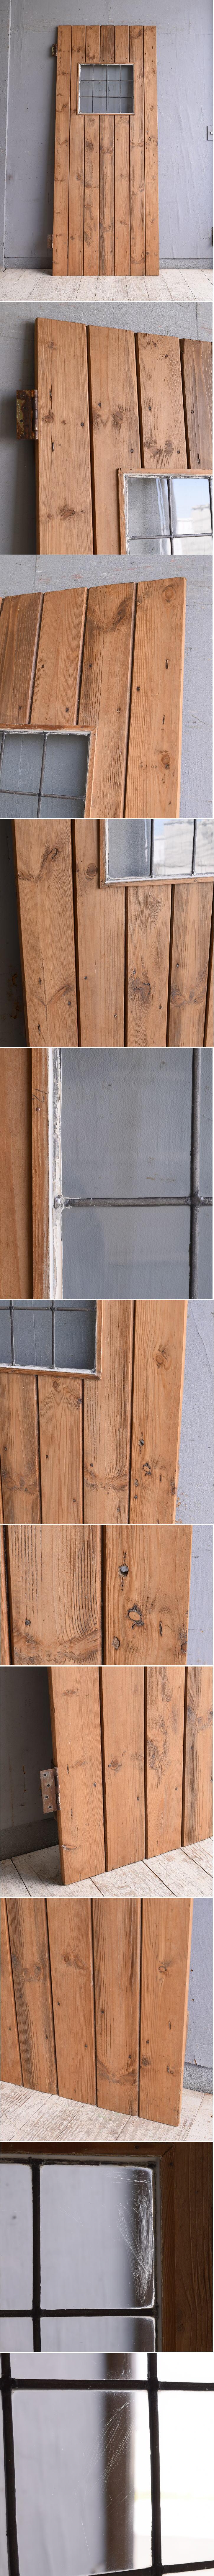 イギリス アンティーク ガラス入りドア 扉 建具 10006